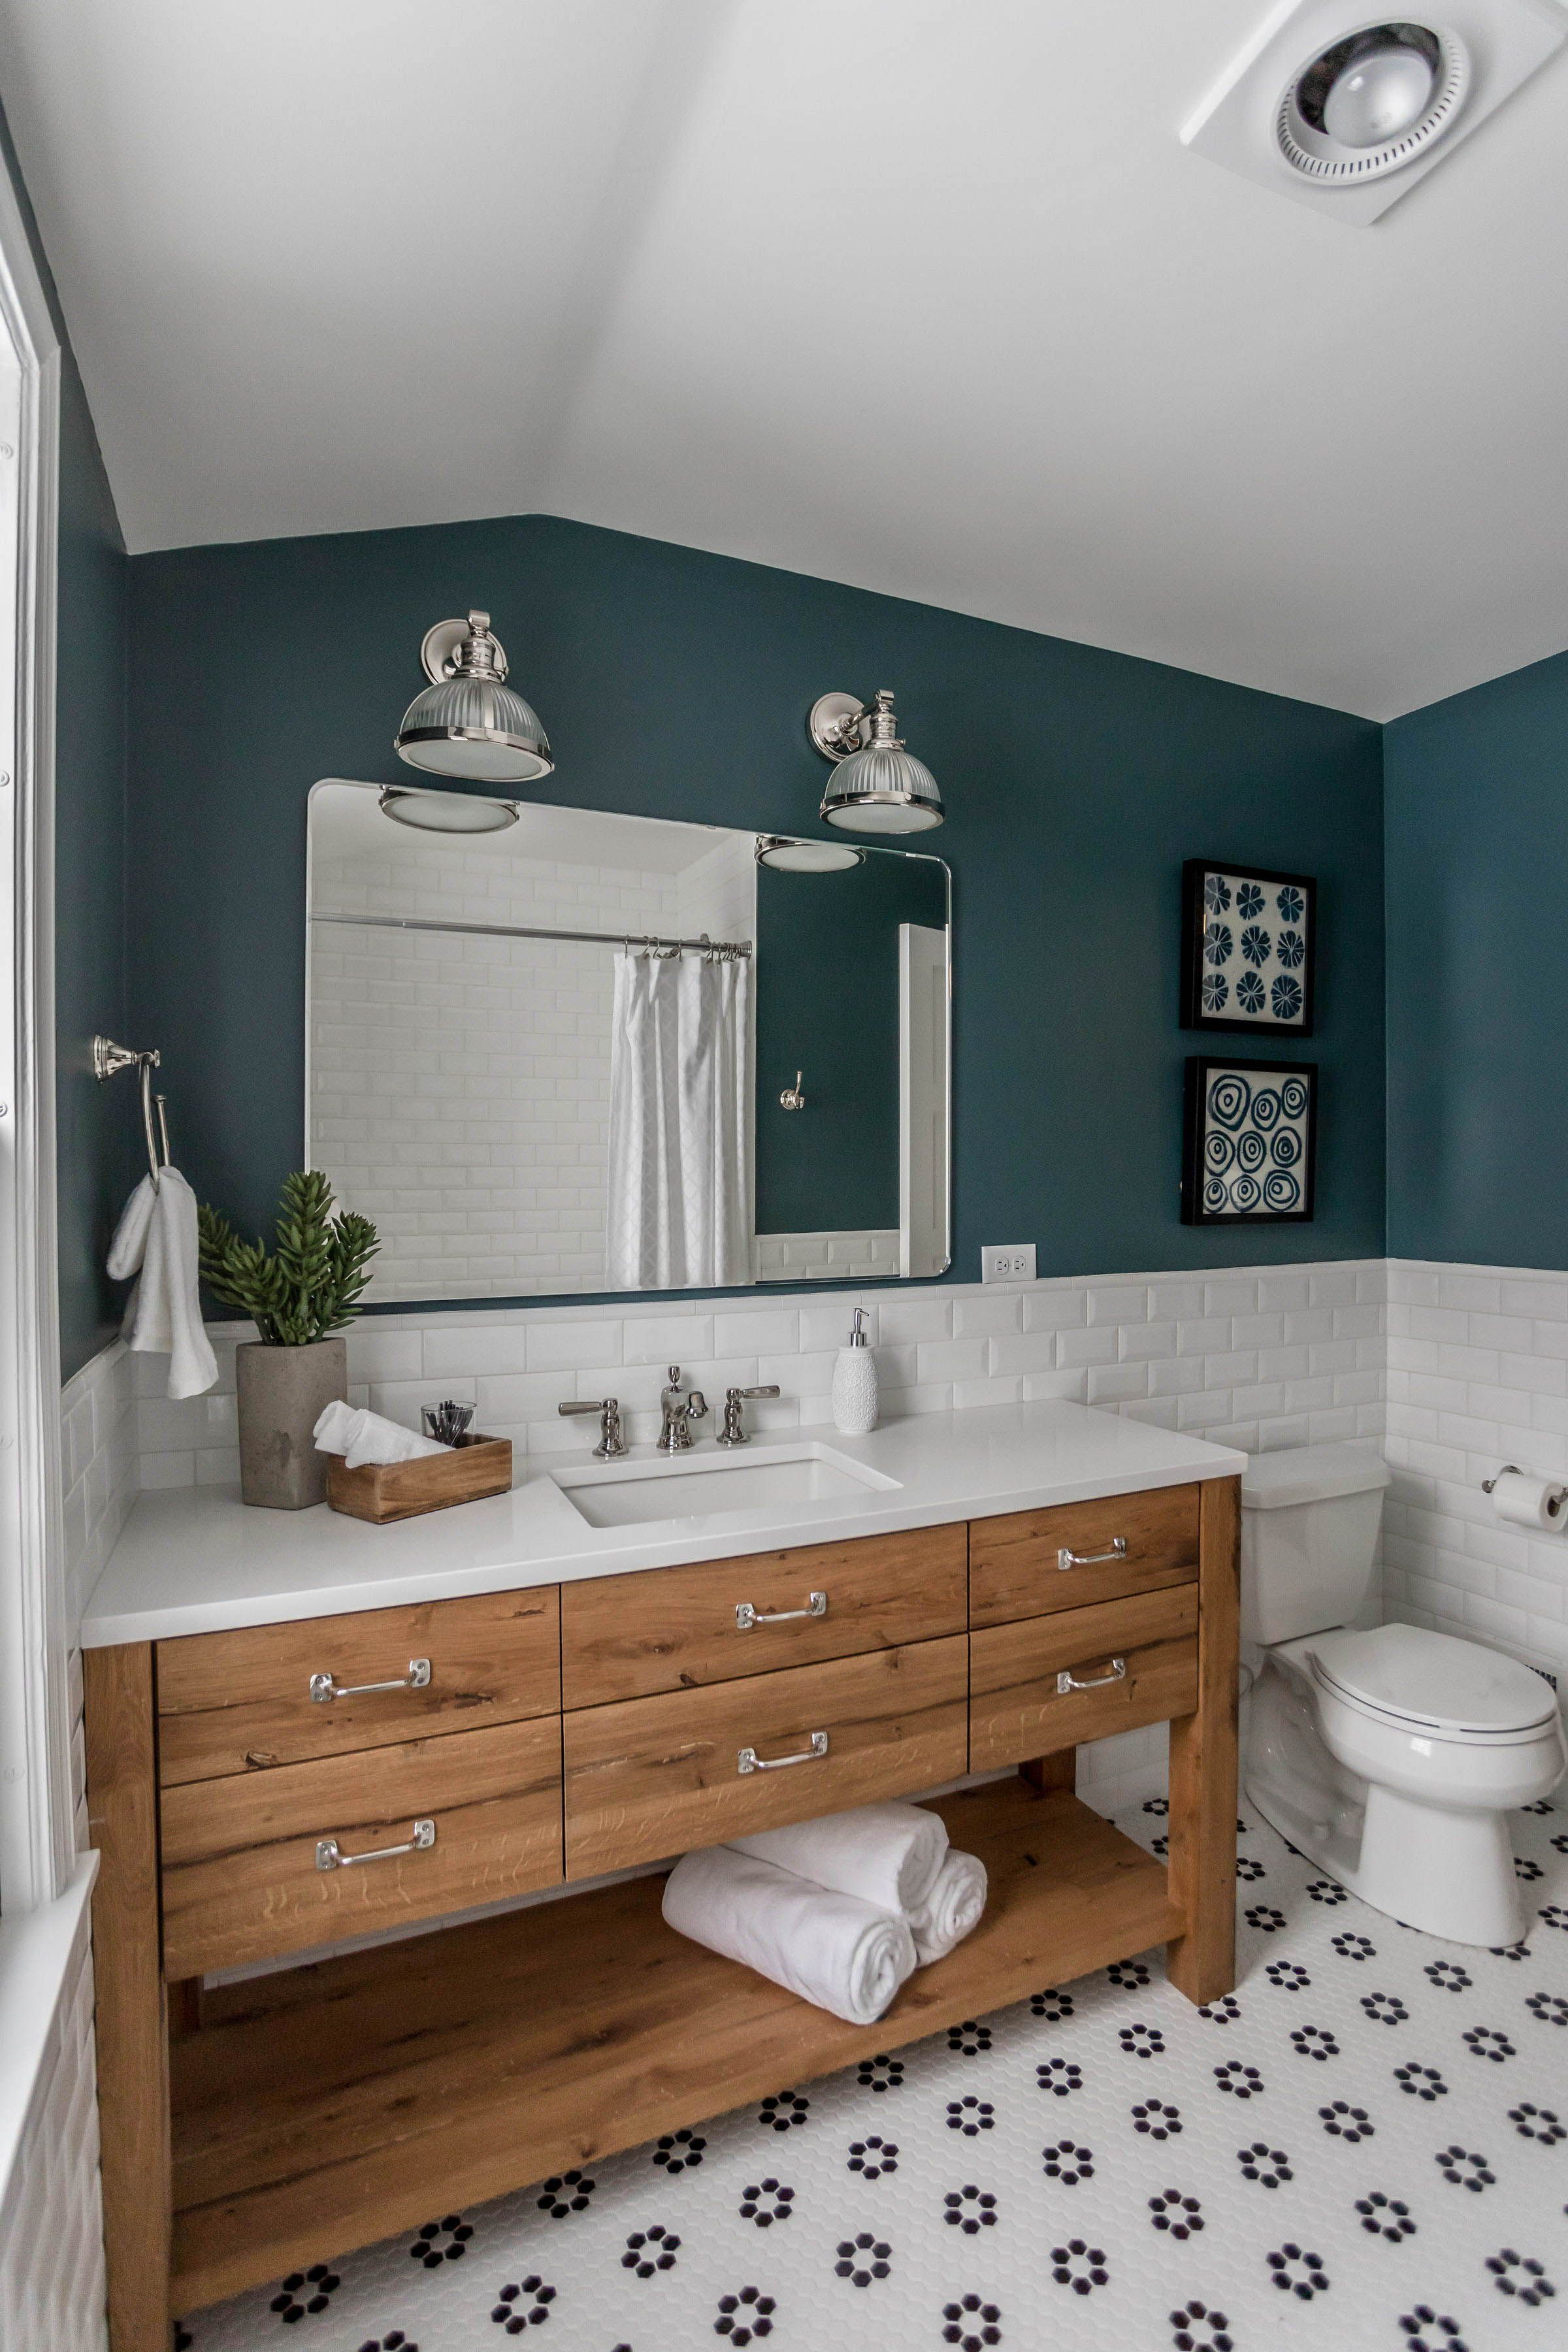 Reclaimed Wood Custom Vanity Black And White Tile Subway Tile